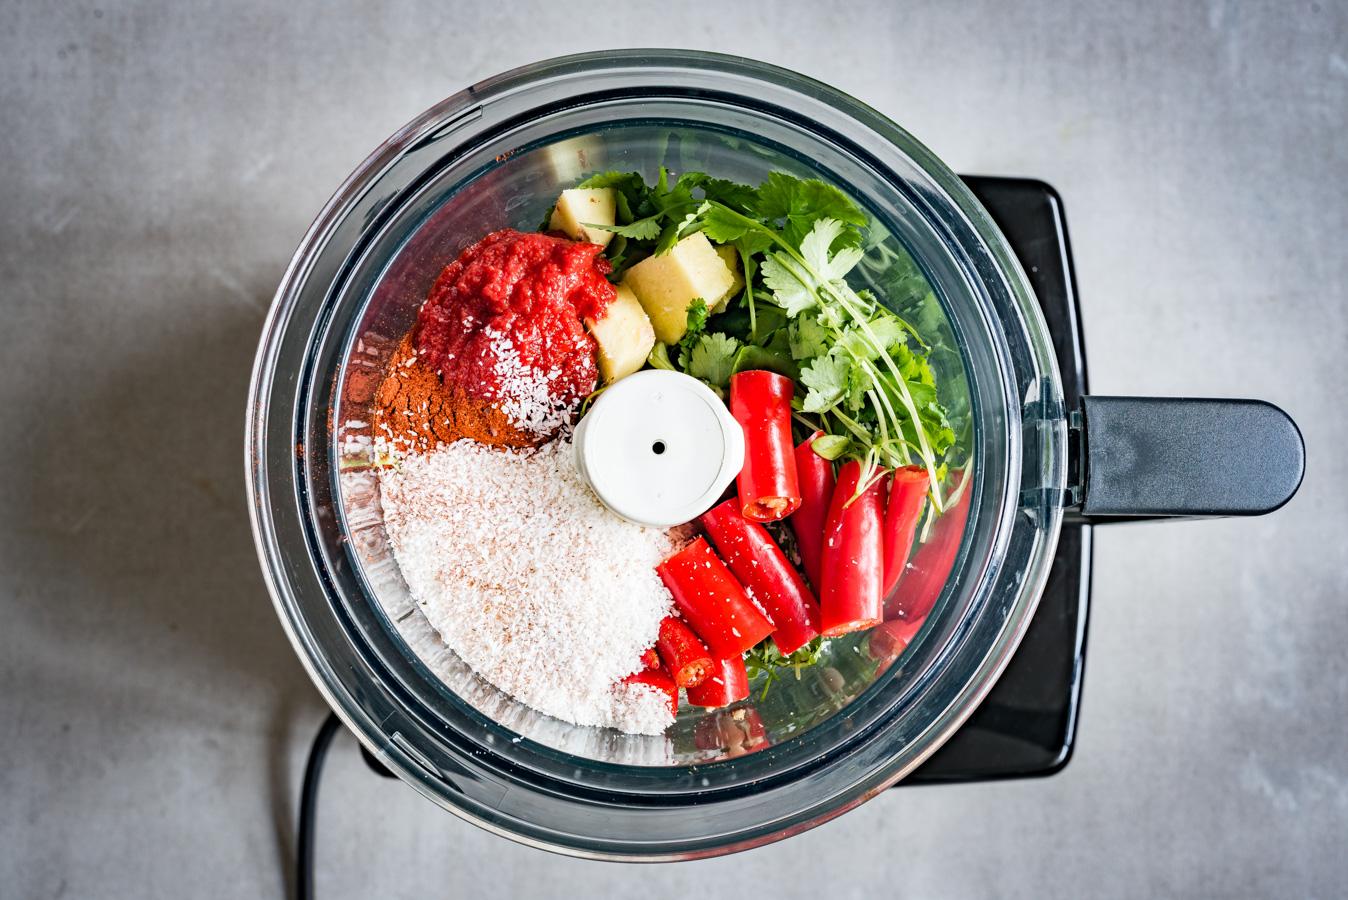 Afbeelding van alle ingrediënten voor tikka masala die in de keukenmachine zitten